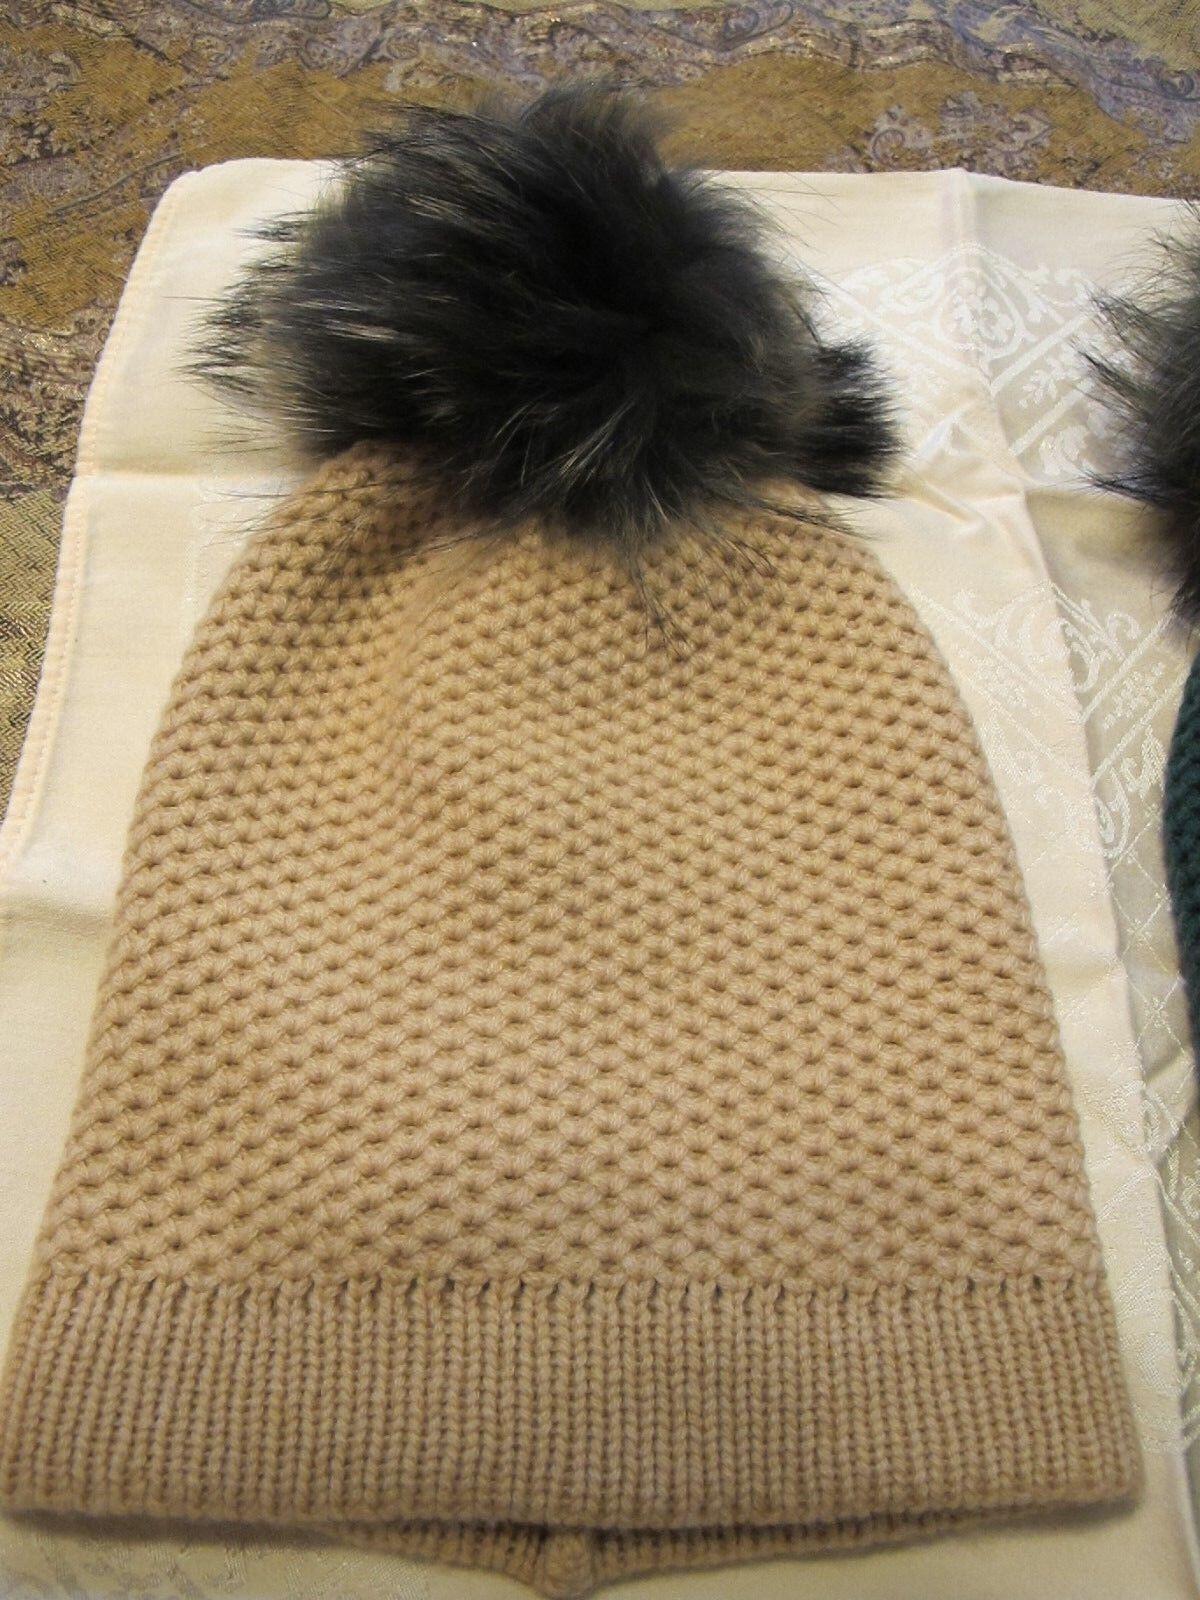 NWT Raffaello Bettini Beige Cashmere Women Real Fox Fur Dyed Pom Pom Hat No Size